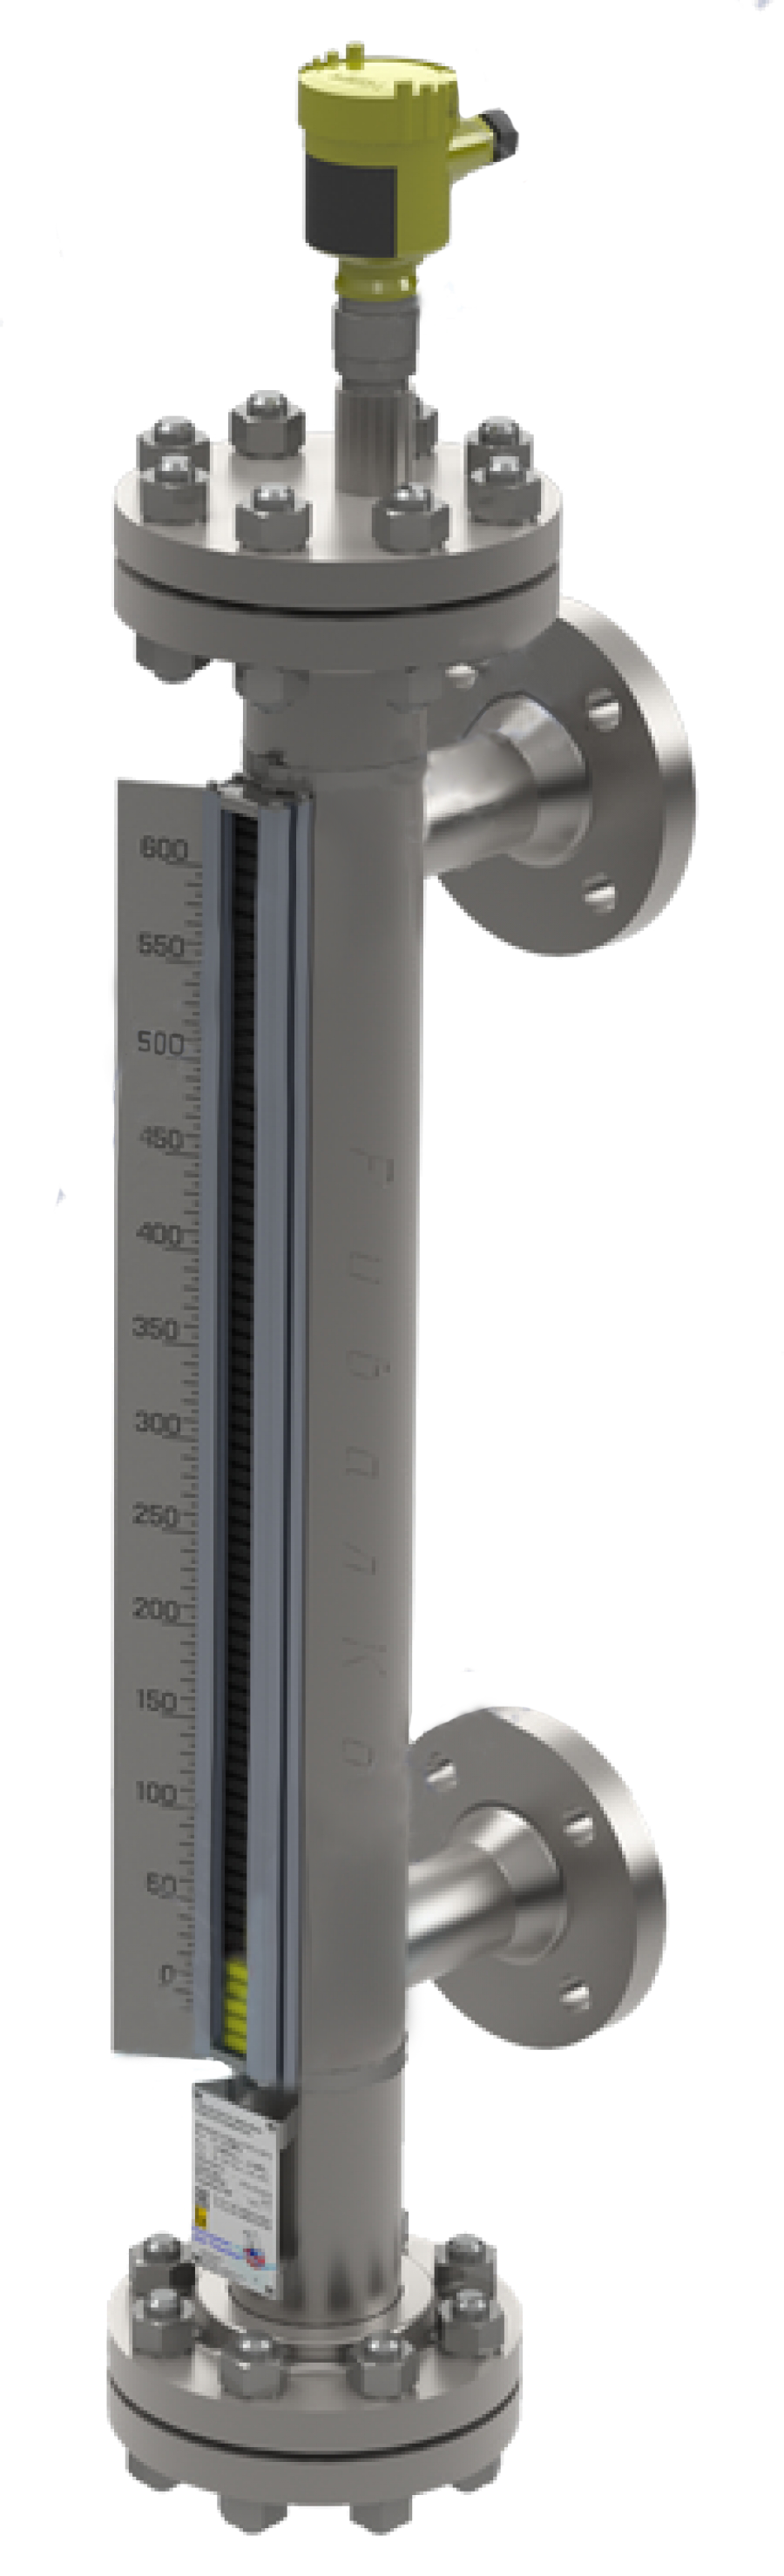 Указатель уровня LGB-CC с комбинированной камерой для рефлекс-радарного уровнемера